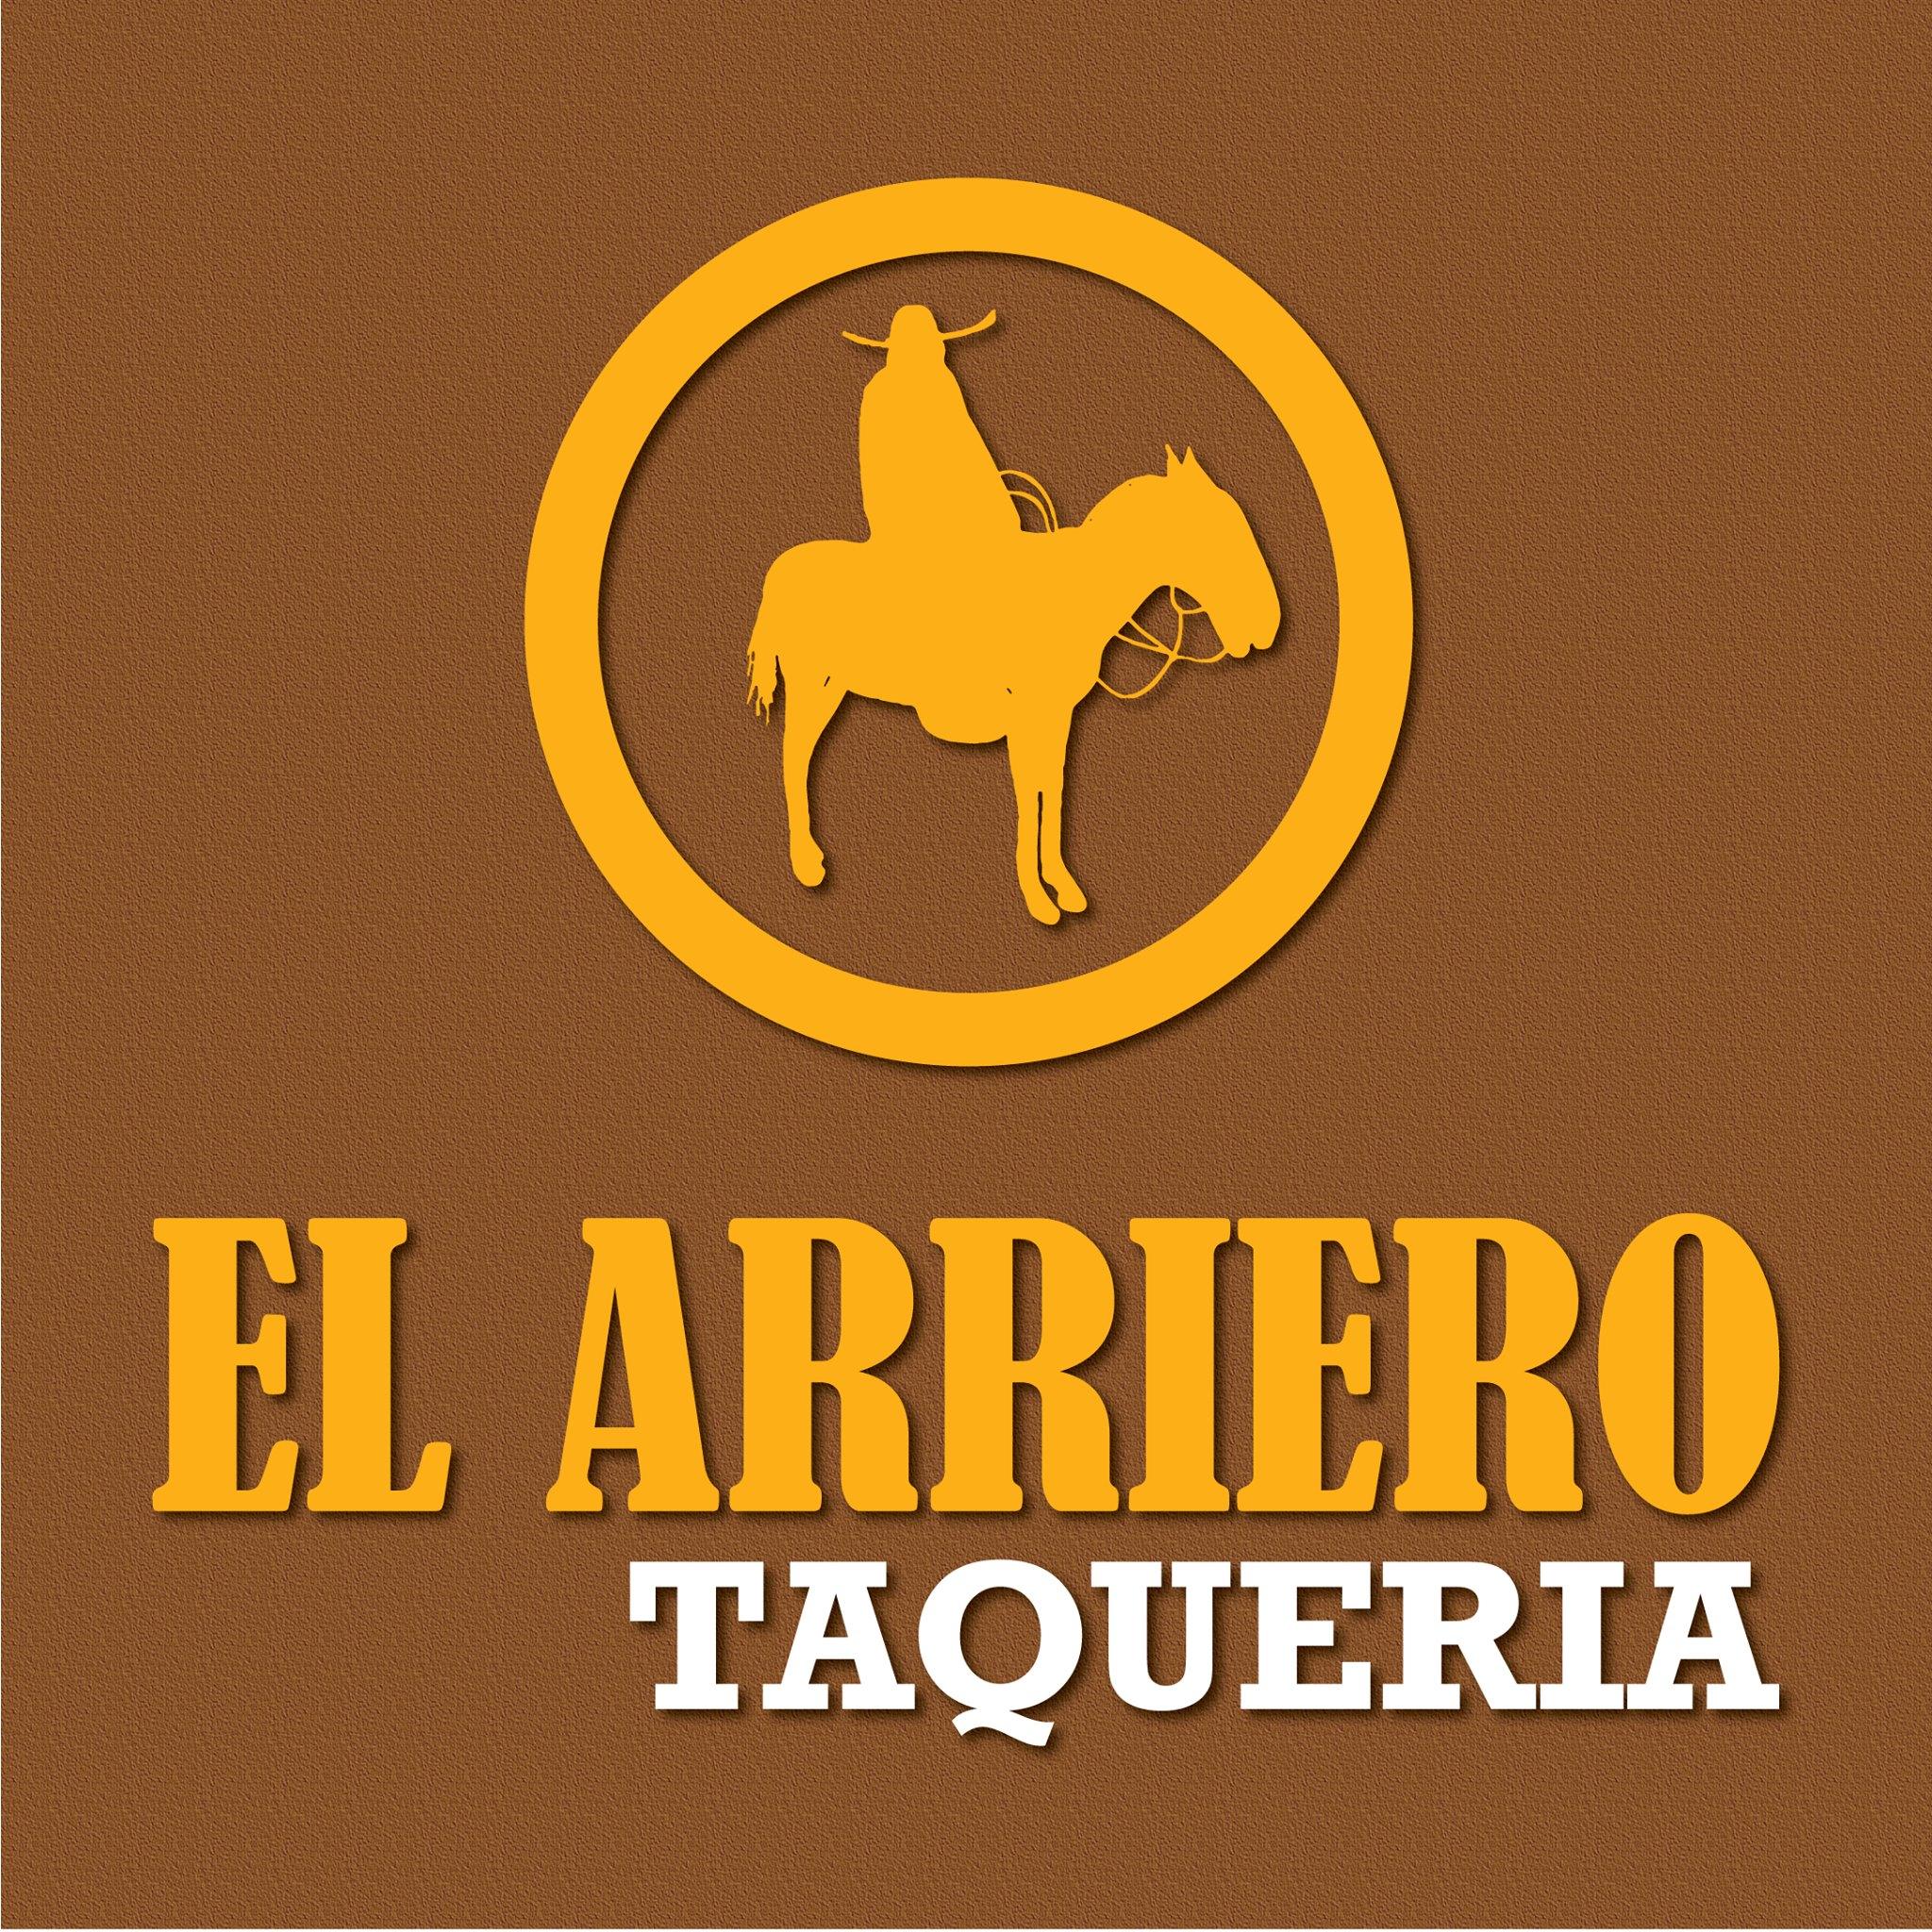 El Arriero Taqueria